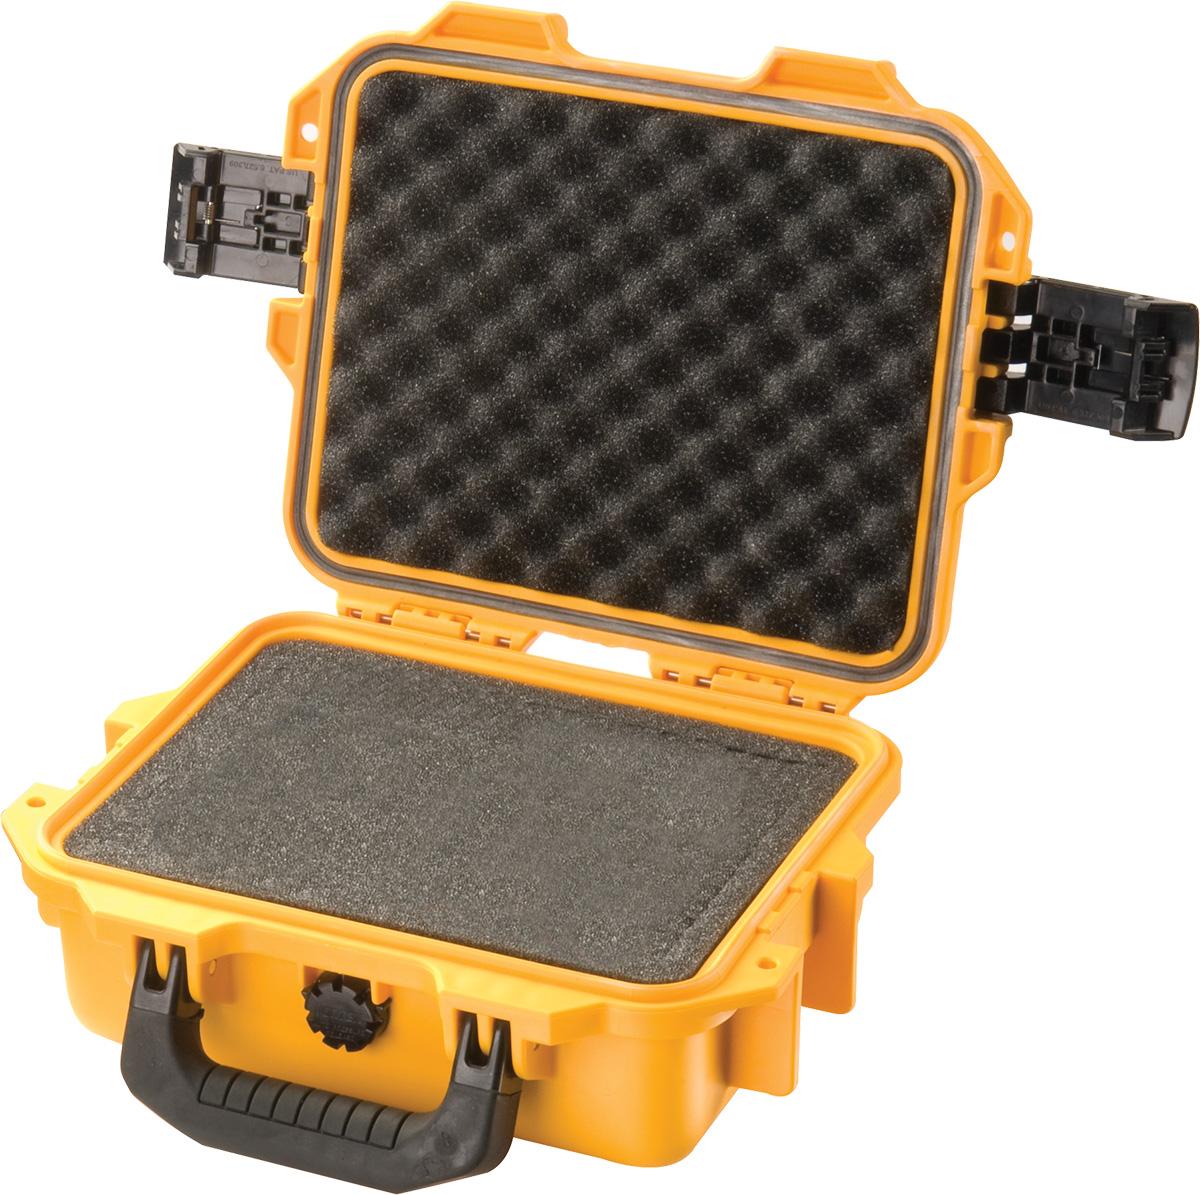 pelican im2050 yellow foam hpx case